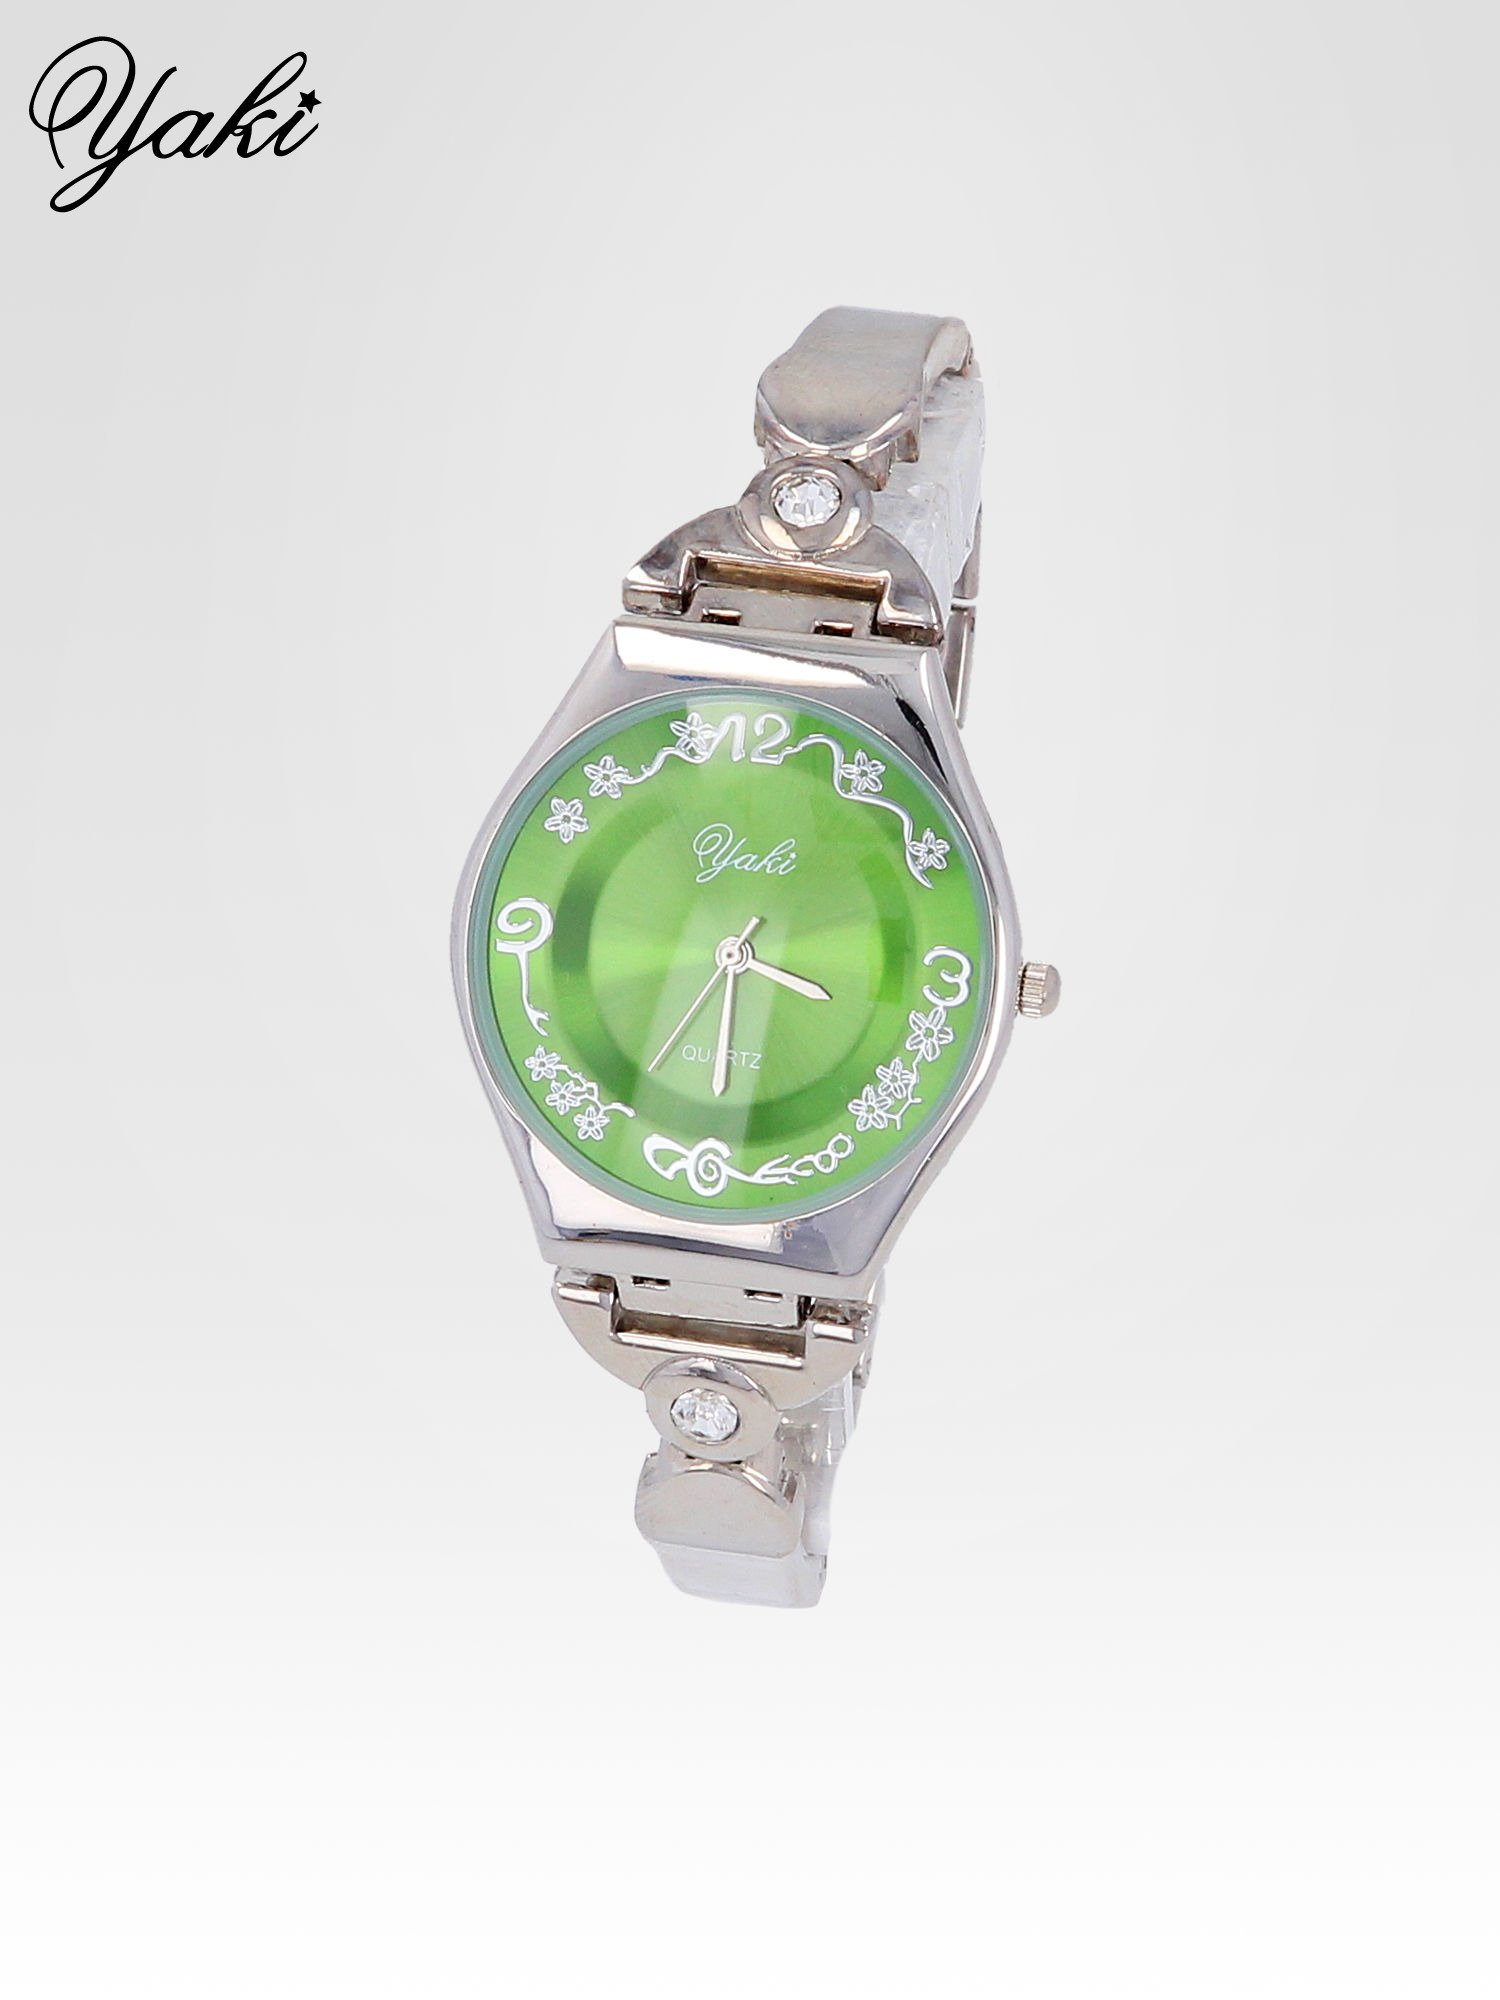 Srebrny biżuteryjny zegarek damski z zielona tarczą                                  zdj.                                  2